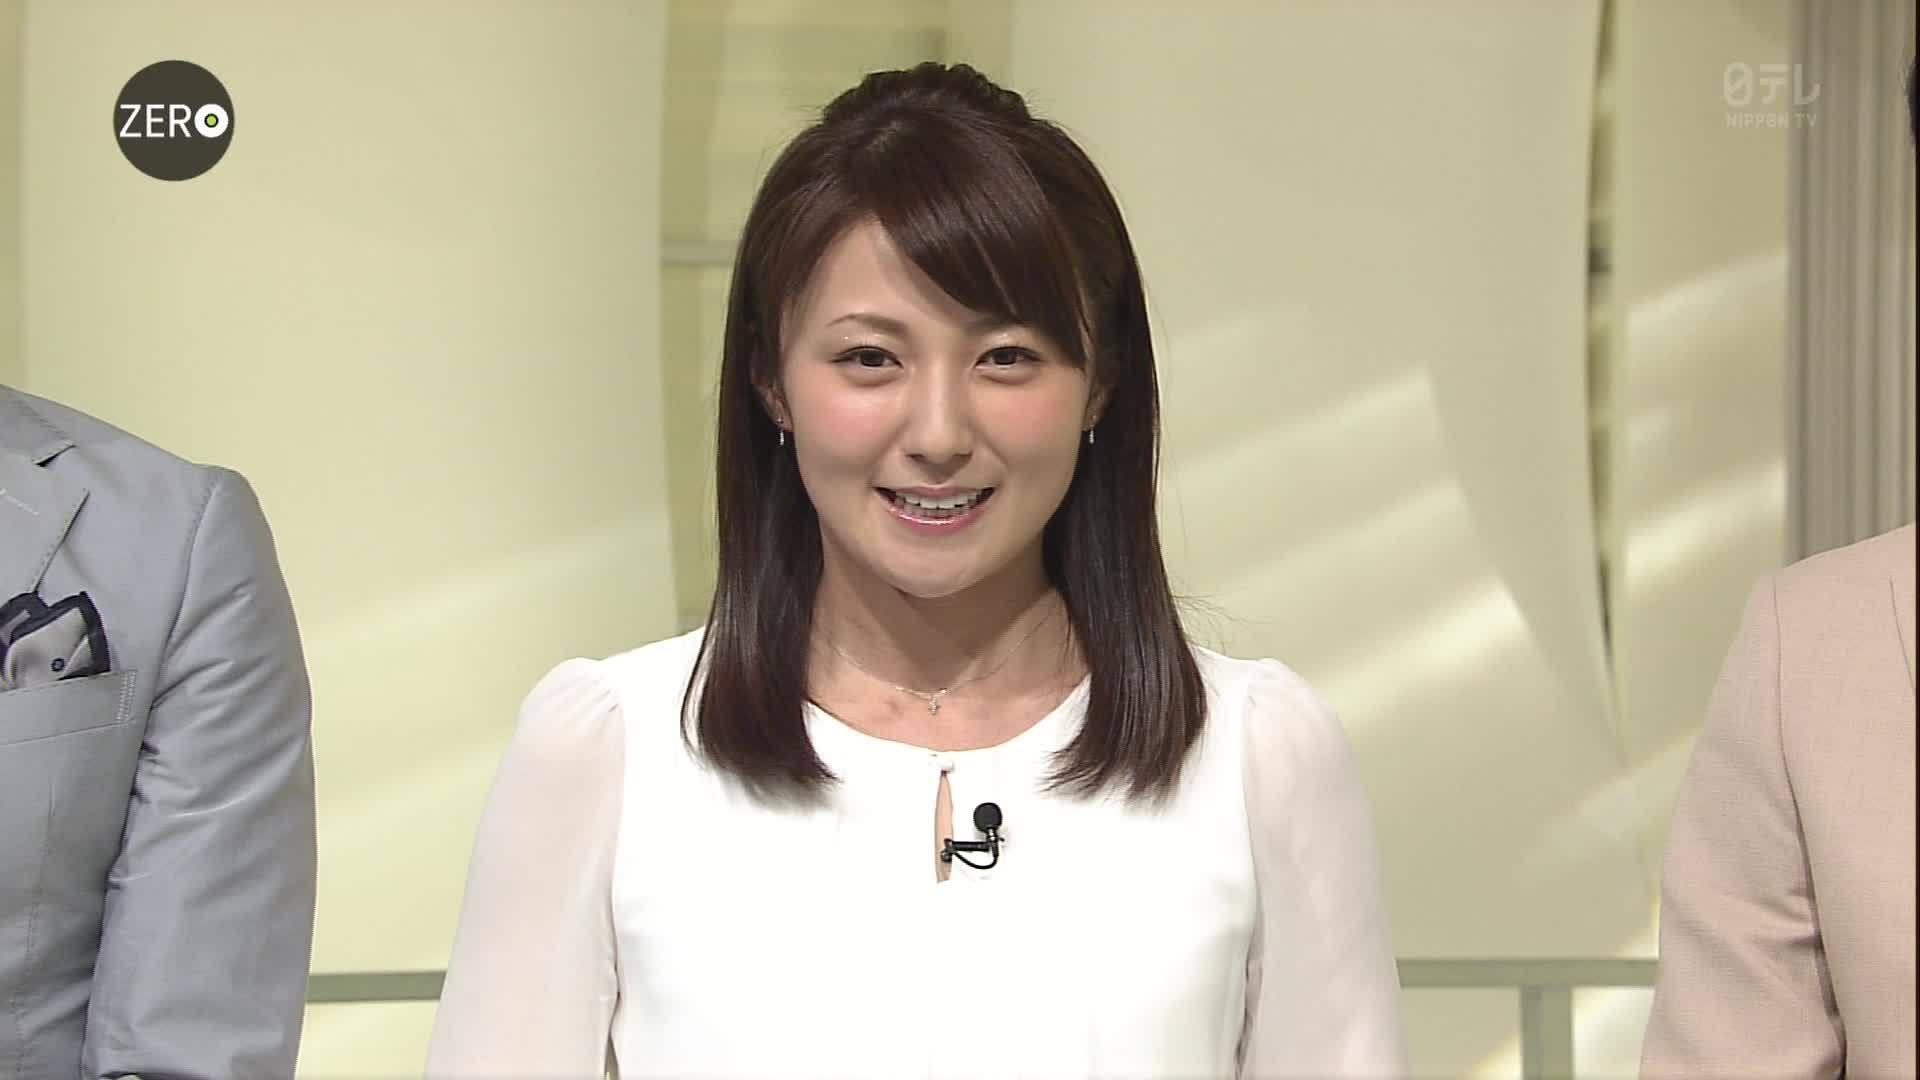 日テレ『NEWS ZERO』に杉野真実 ... - oricon.co.jp